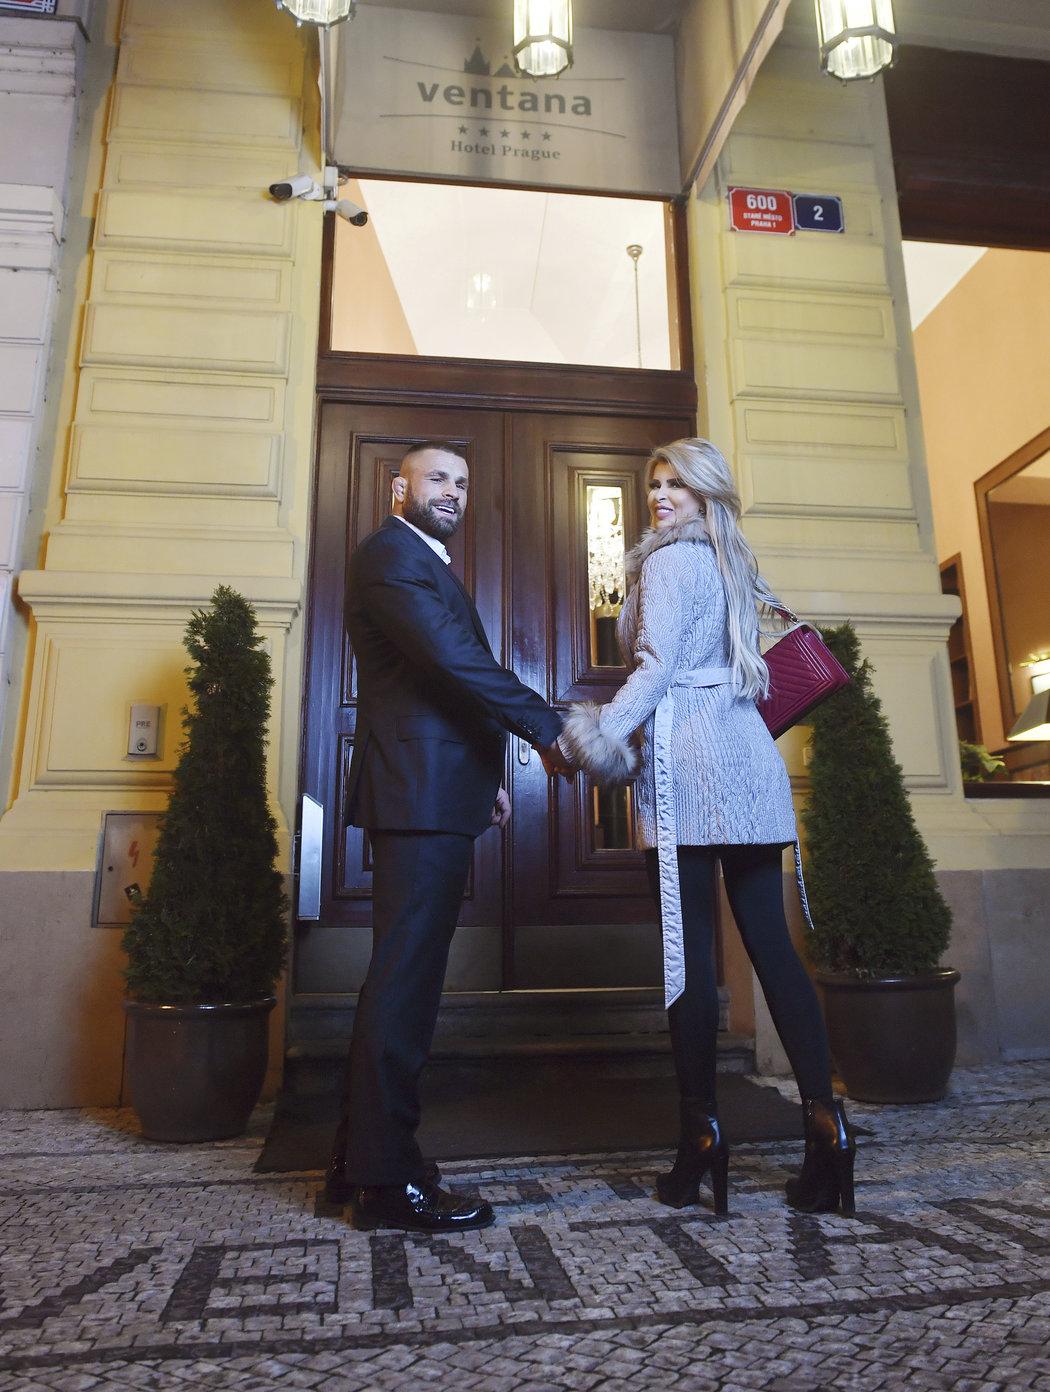 Karlos Vémola se svou partnerkou Lelou Ceterovou před vstupem do pražského hotelu Ventana